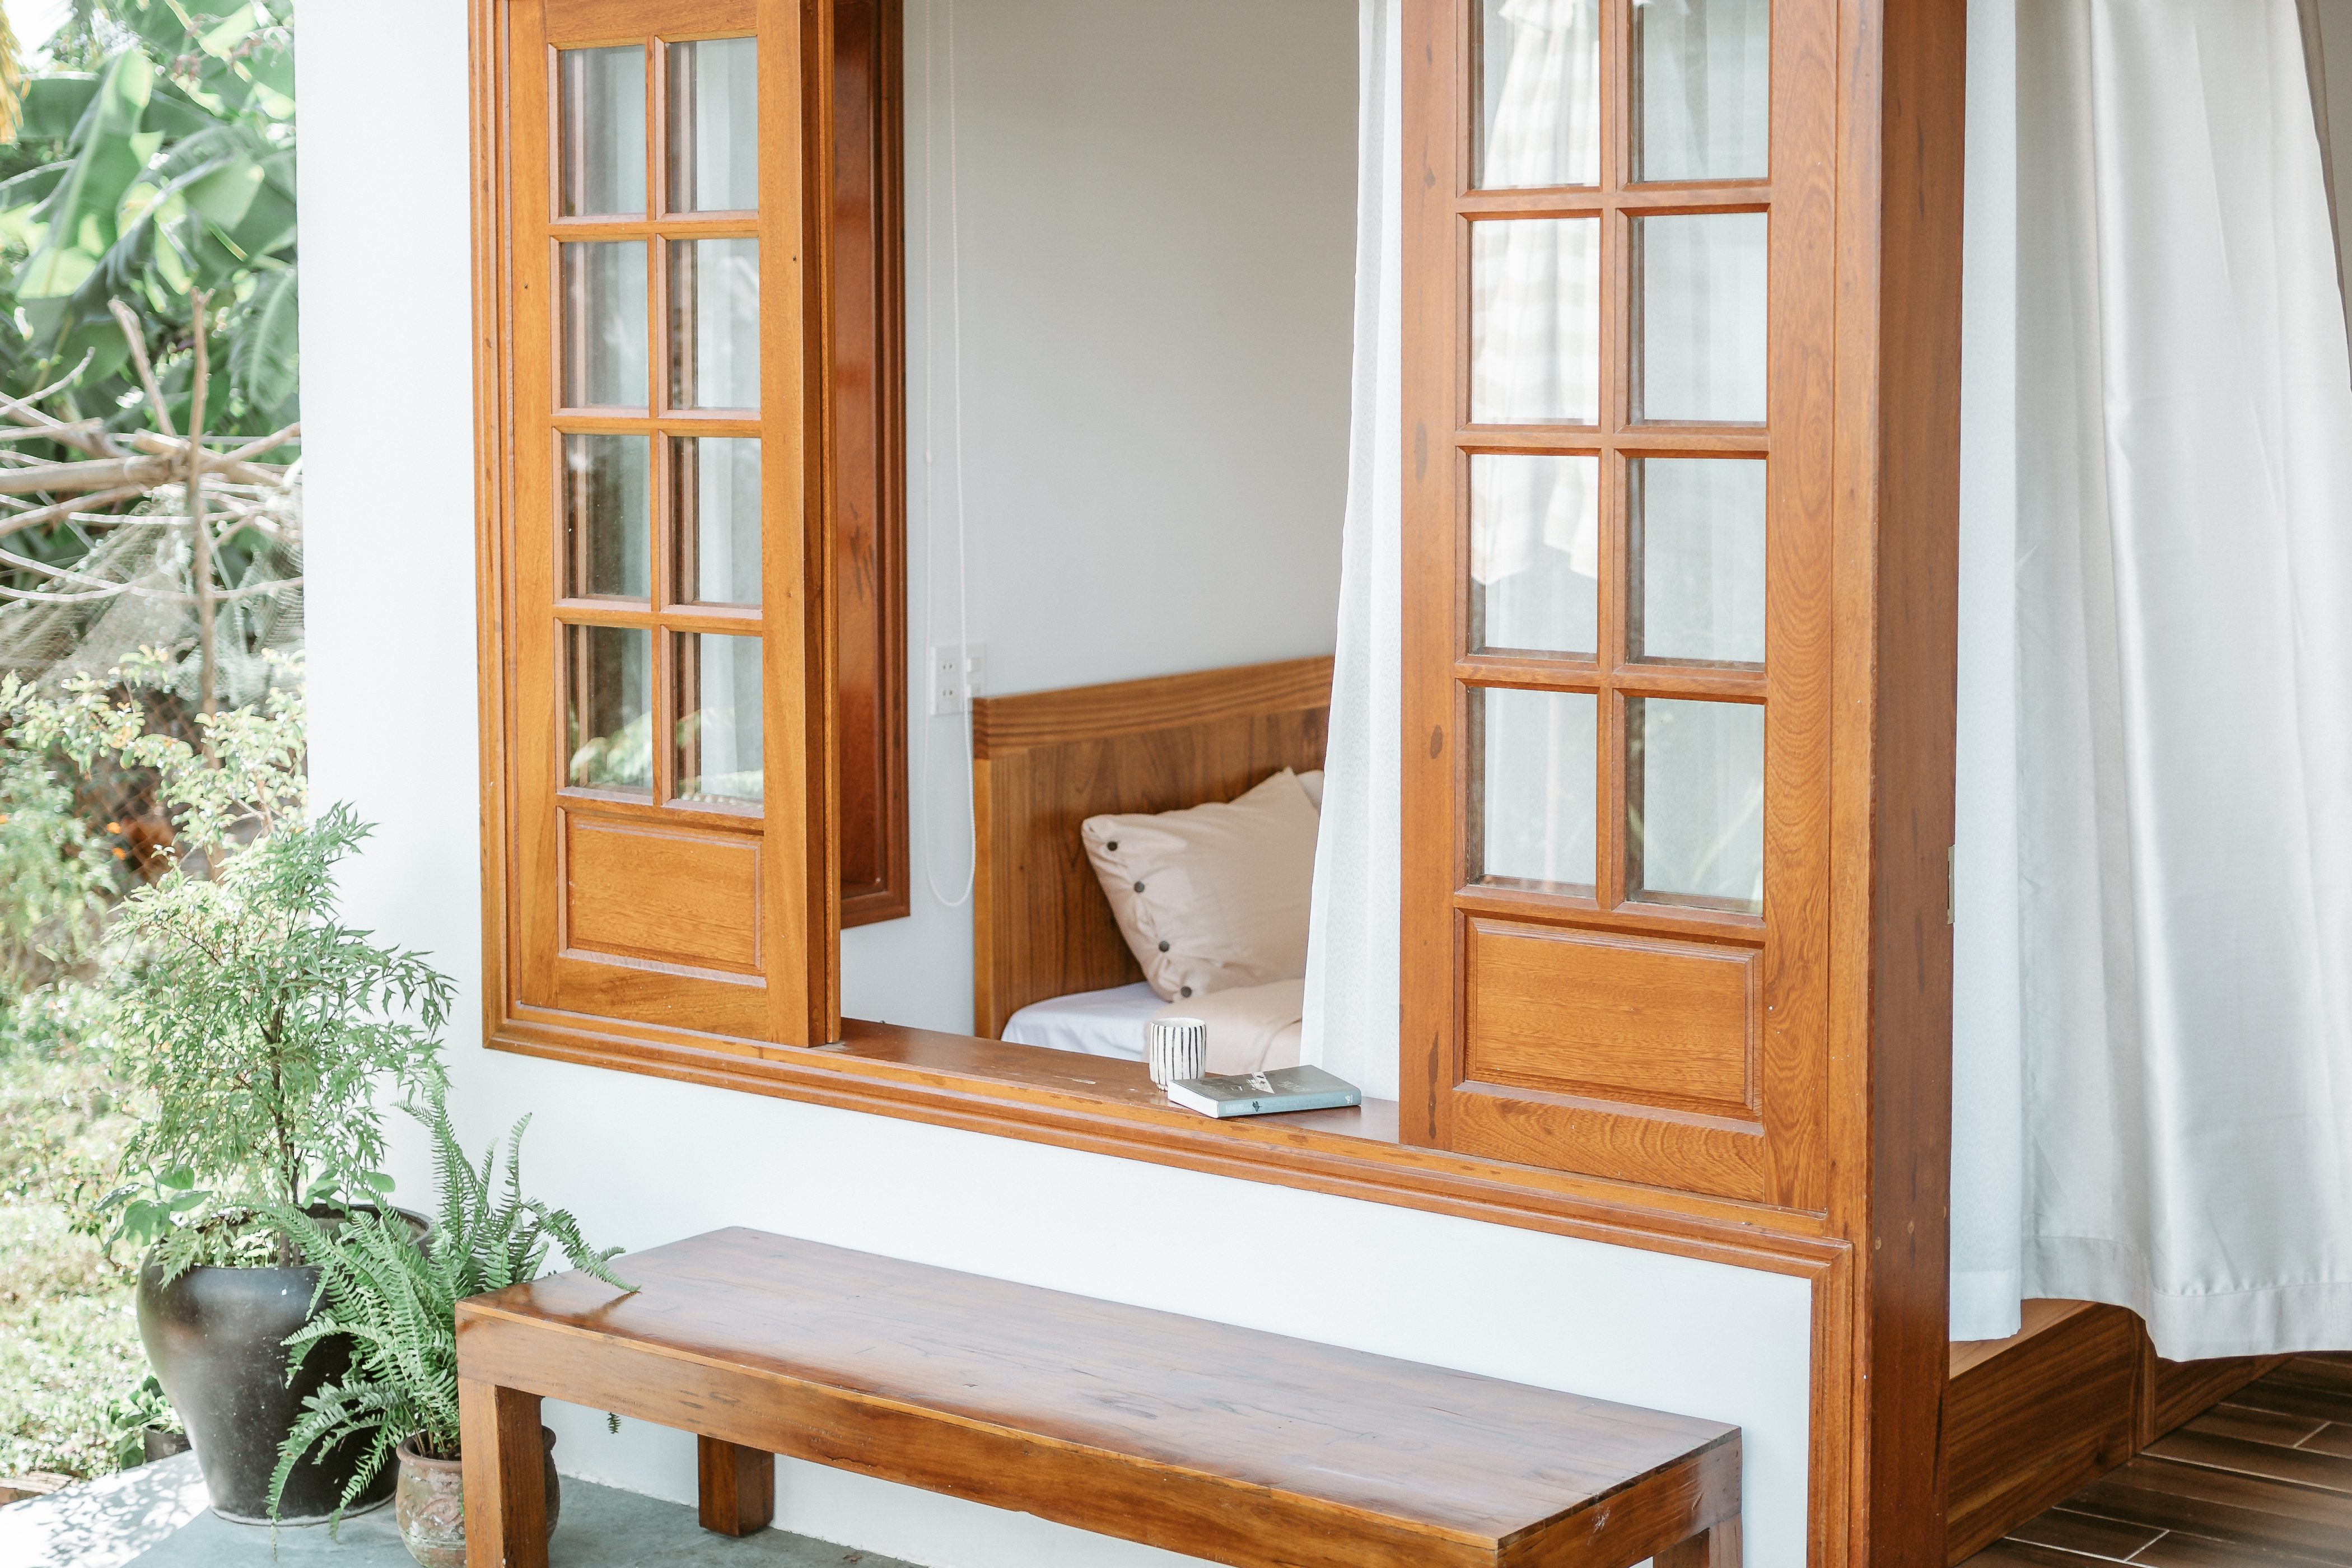 Cô gái quyết định rời Sài Gòn về Hội An cải tạo nhà ở 20 năm đã xuống cấp thành homestay 5 phòng đẹp lung linh, cho khách thuê chỉ 420-520 ngàn đồng/ phòng - Ảnh 19.